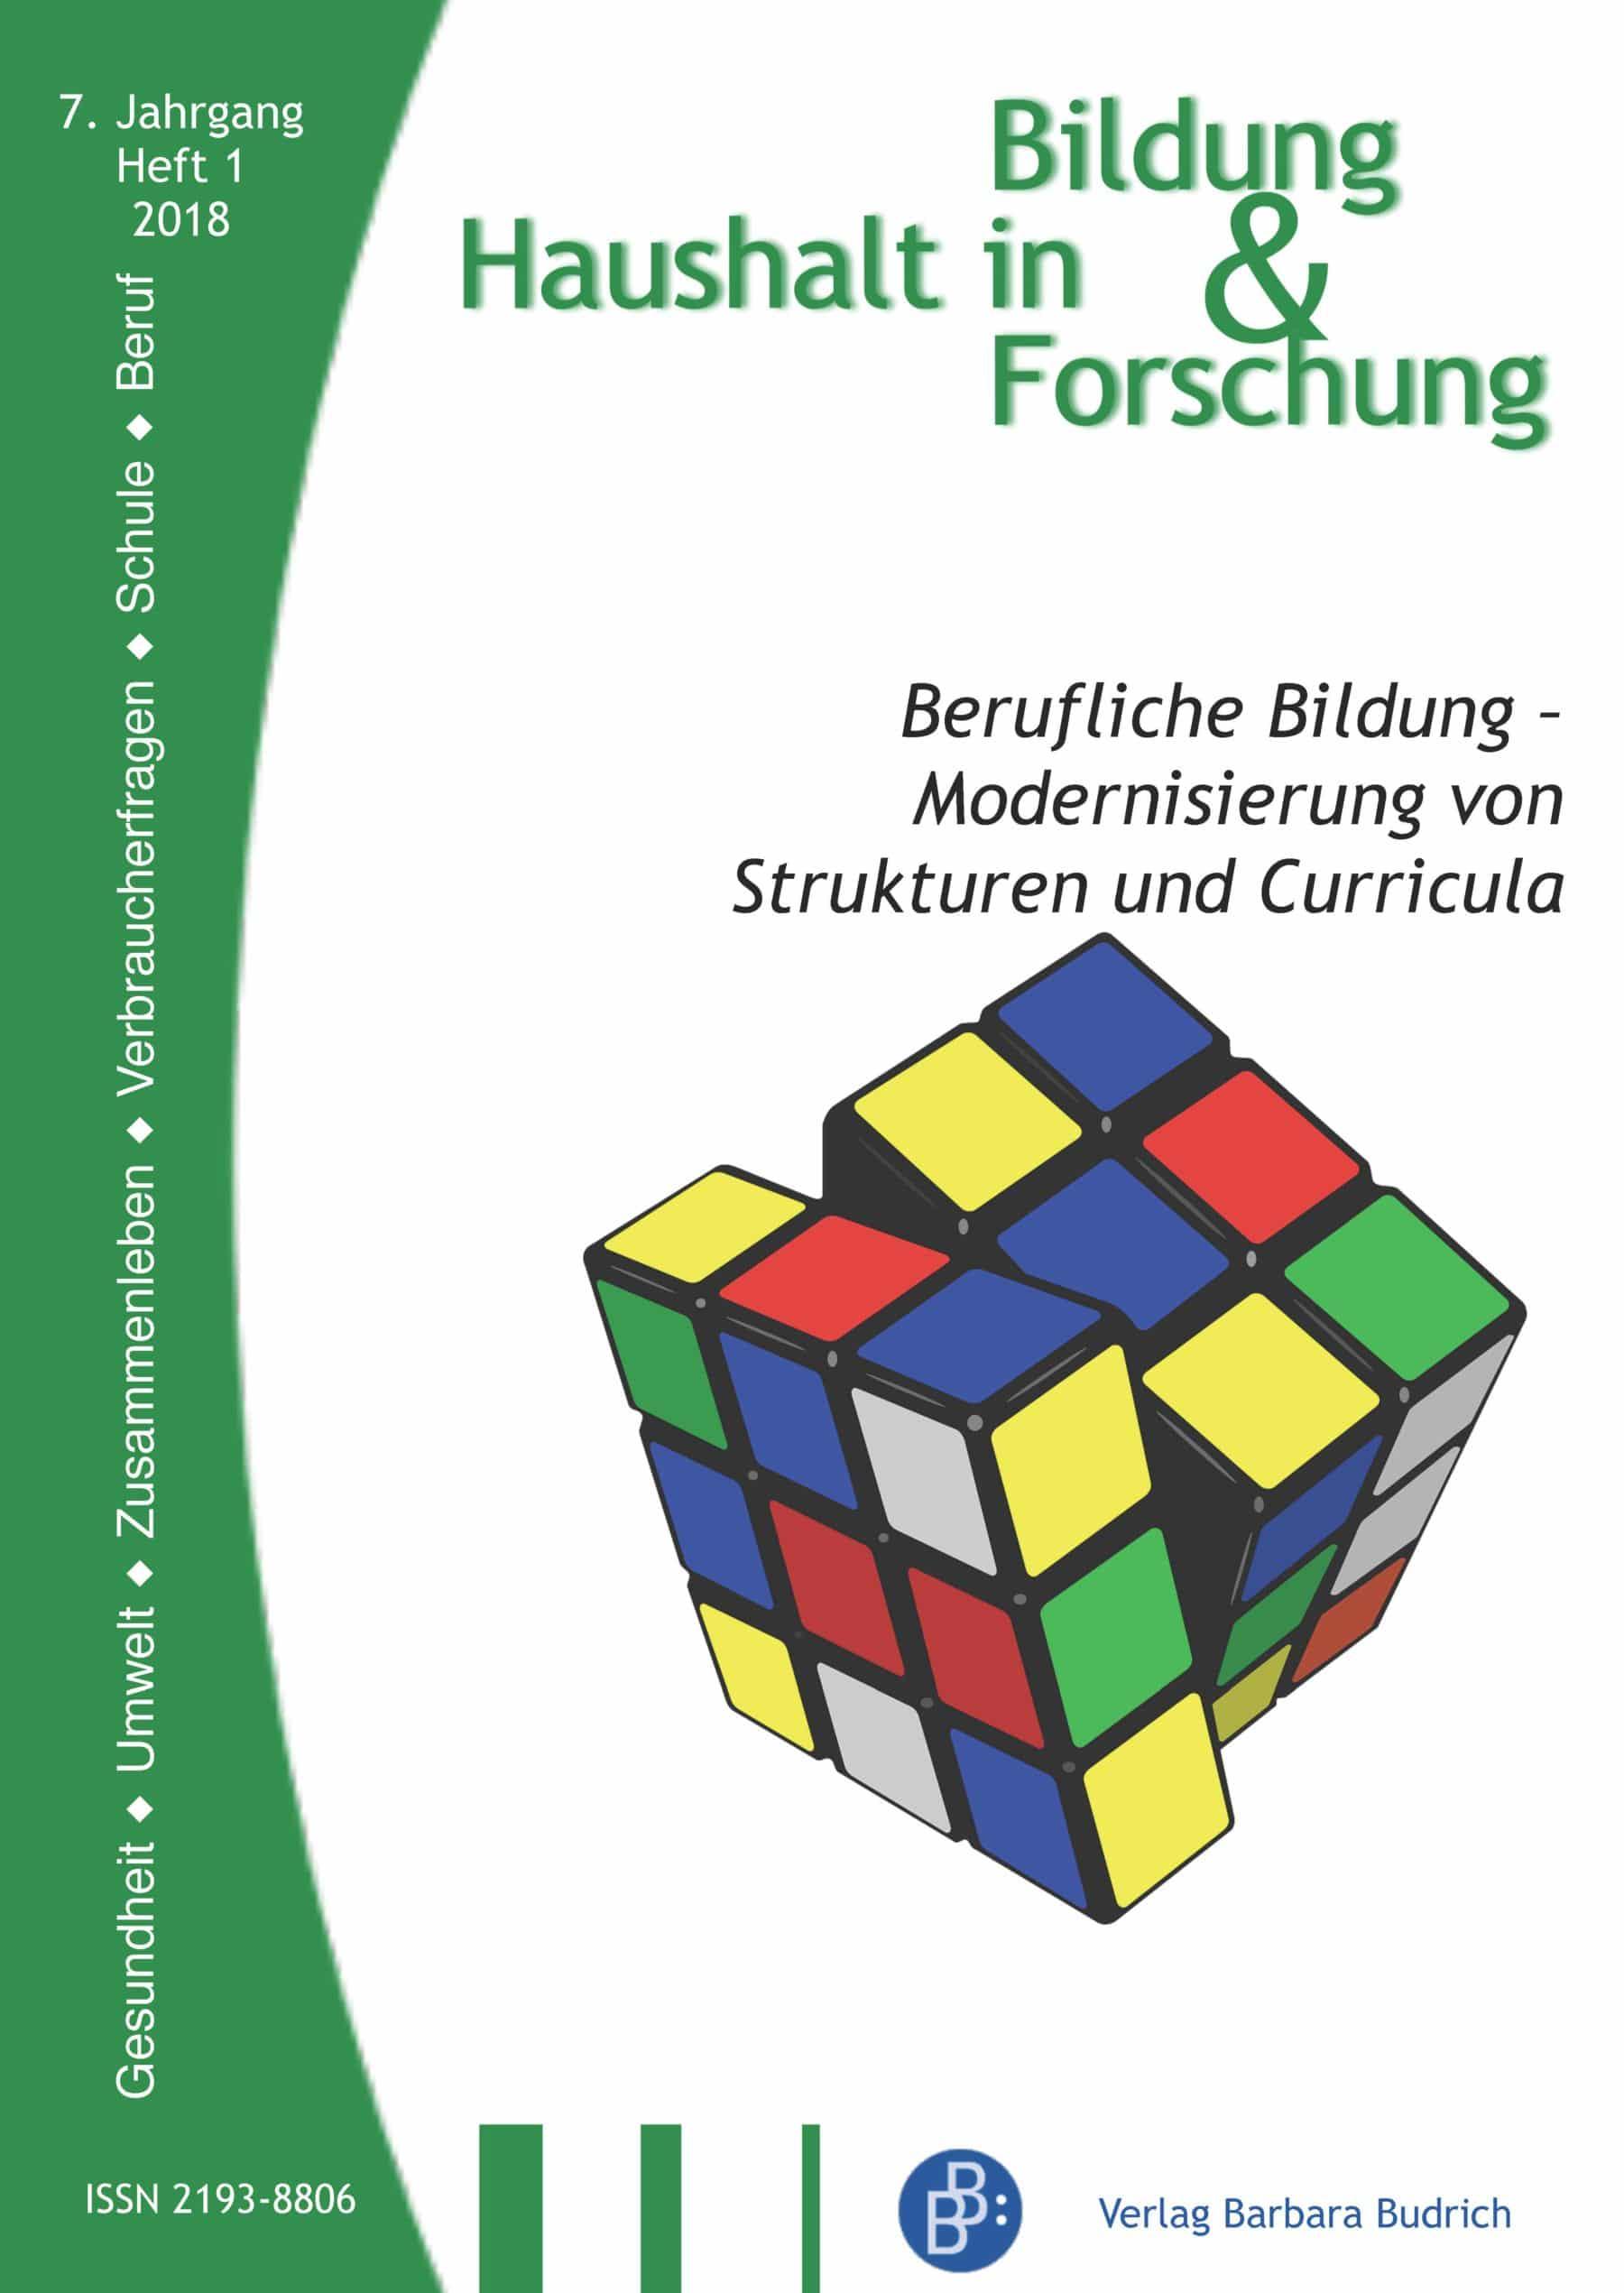 HiBiFo 1-2018 | Berufliche Bildung – Modernisierung von Strukturen und Curricula